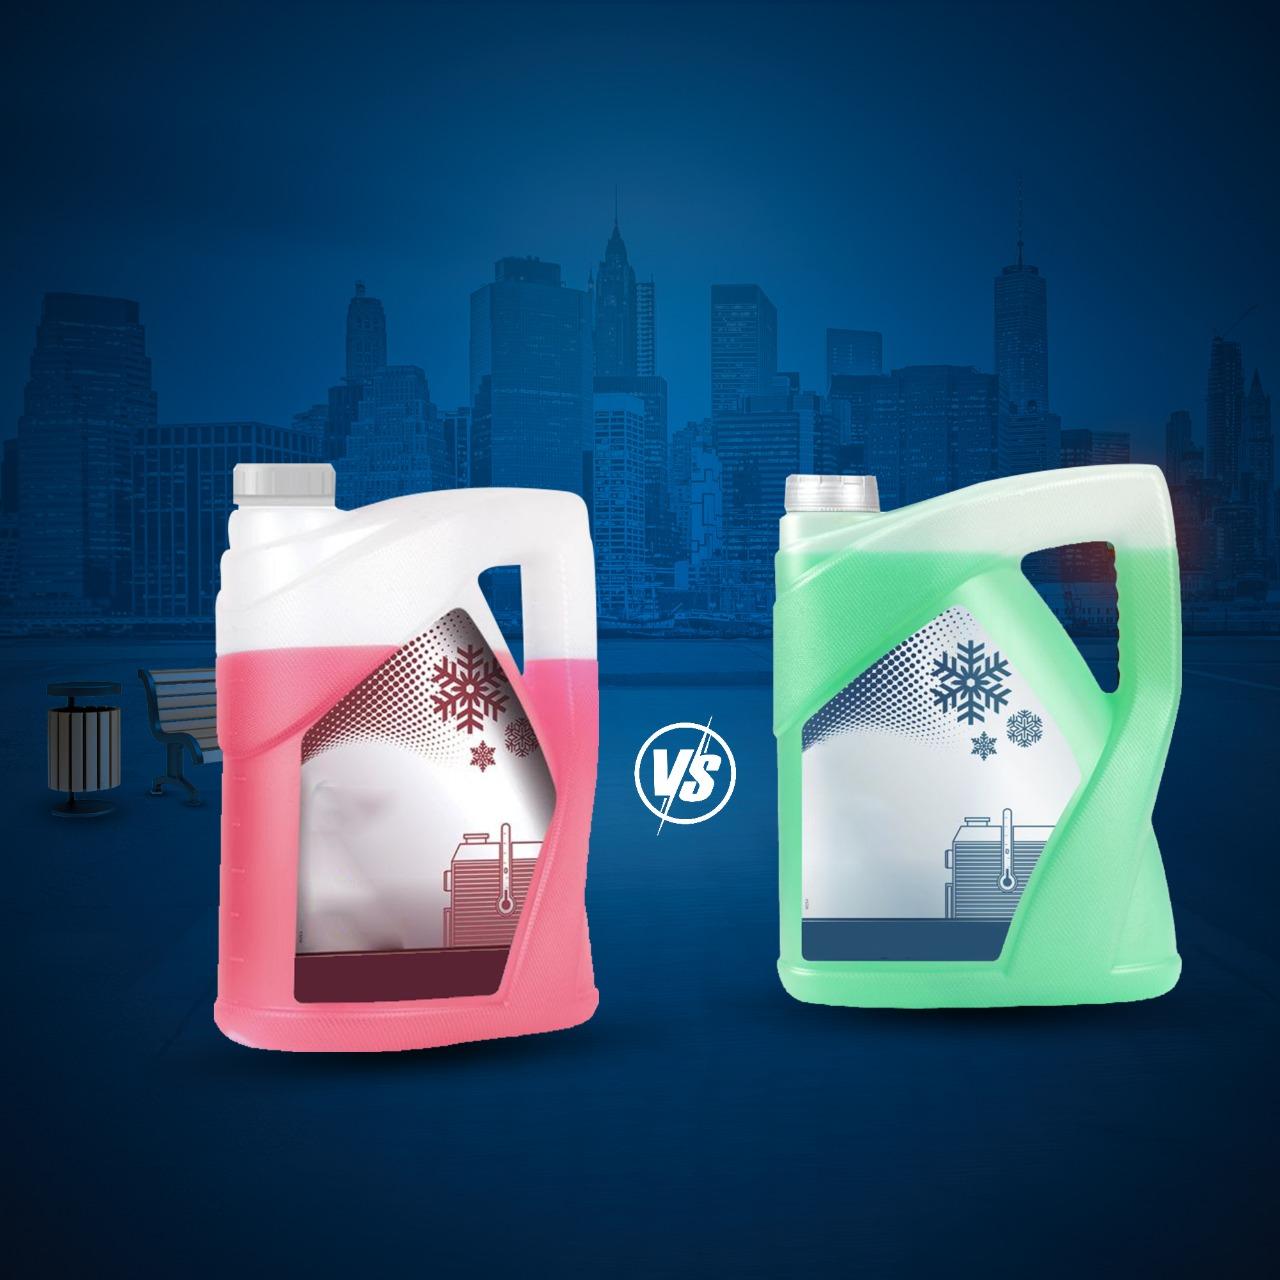 الأحمر أم الأخضر أيهما أفضل .. تعرف على أنواع مياه الردياتير ... ؟؟